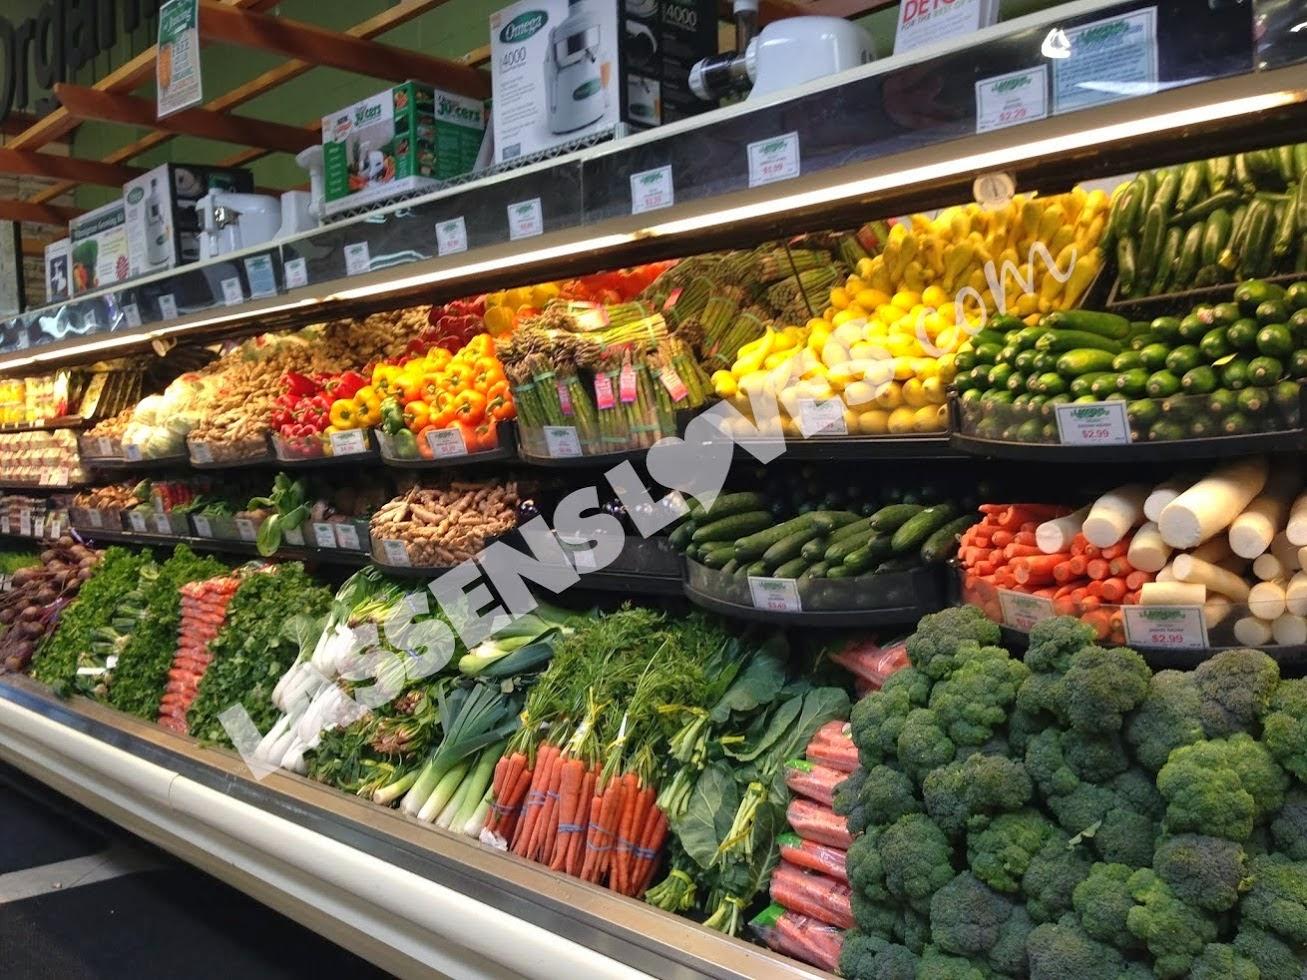 organic+produce, non+GMO, pesticide+free+produce